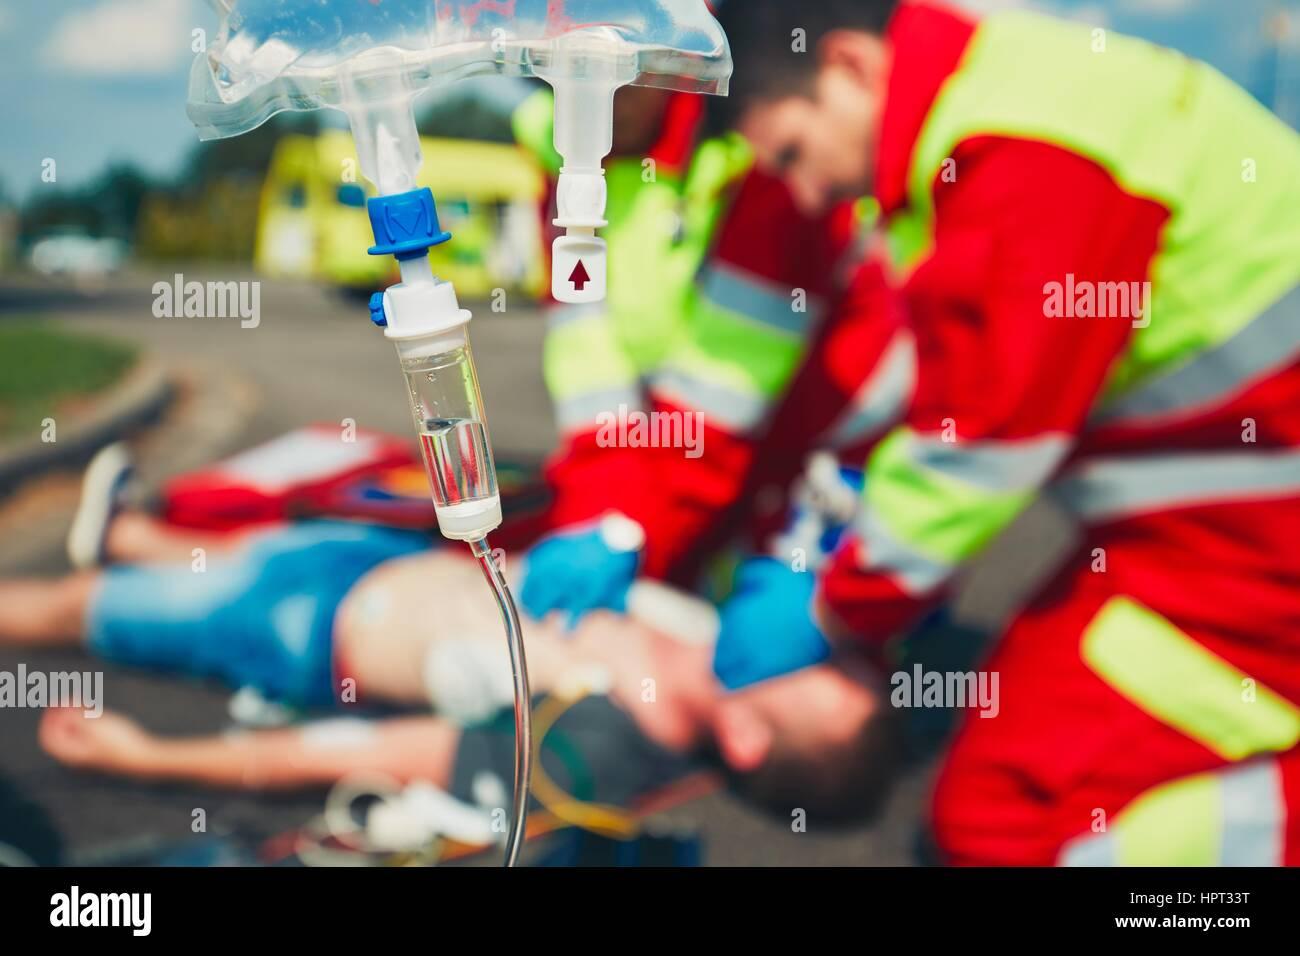 Kardiopulmonalen Reanimation. Rettungs-Team (Arzt und Sanitäter) Wiederbelebung der Mann auf der Straße. Stockbild